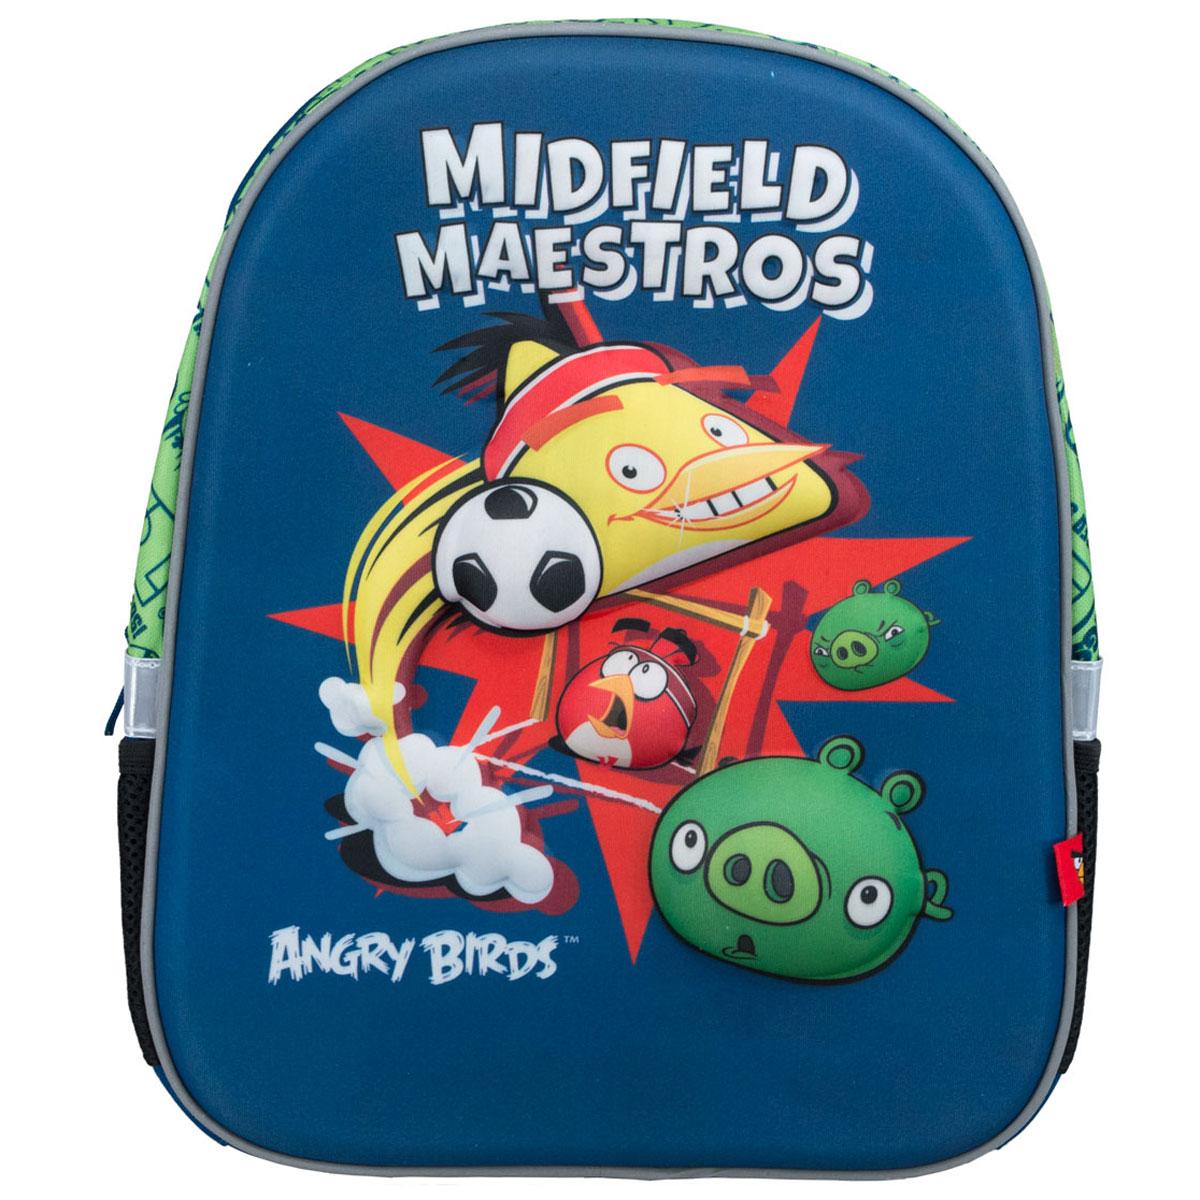 Рюкзак Angry Birds, цвет: синий, салатовый, черныйABCB-UT1-E140Яркий рюкзак Angry Birds обязательно понравится вашему ребенку. Выполнен из прочного материала и оформлен изображениями героев из популярной компьютерной игры Злые птицы (Angry Birds).Содержит рюкзак одно вместительное отделение, закрывающееся на застежку-молнию. Внутри отделения находятся две мягкие перегородки для тетрадей или учебников. Лицевая стенка достаточно твердая, что позволяет не деформироваться рюкзаку. Рюкзак имеет два боковых кармана-сетка, стянутых сверху резинкой. Оснащен плечевыми ремнями и мягкой текстильной ручкой для переноски в руке.Широкие мягкие лямки регулируются по длине и равномерно распределяют нагрузку на плечевой пояс.